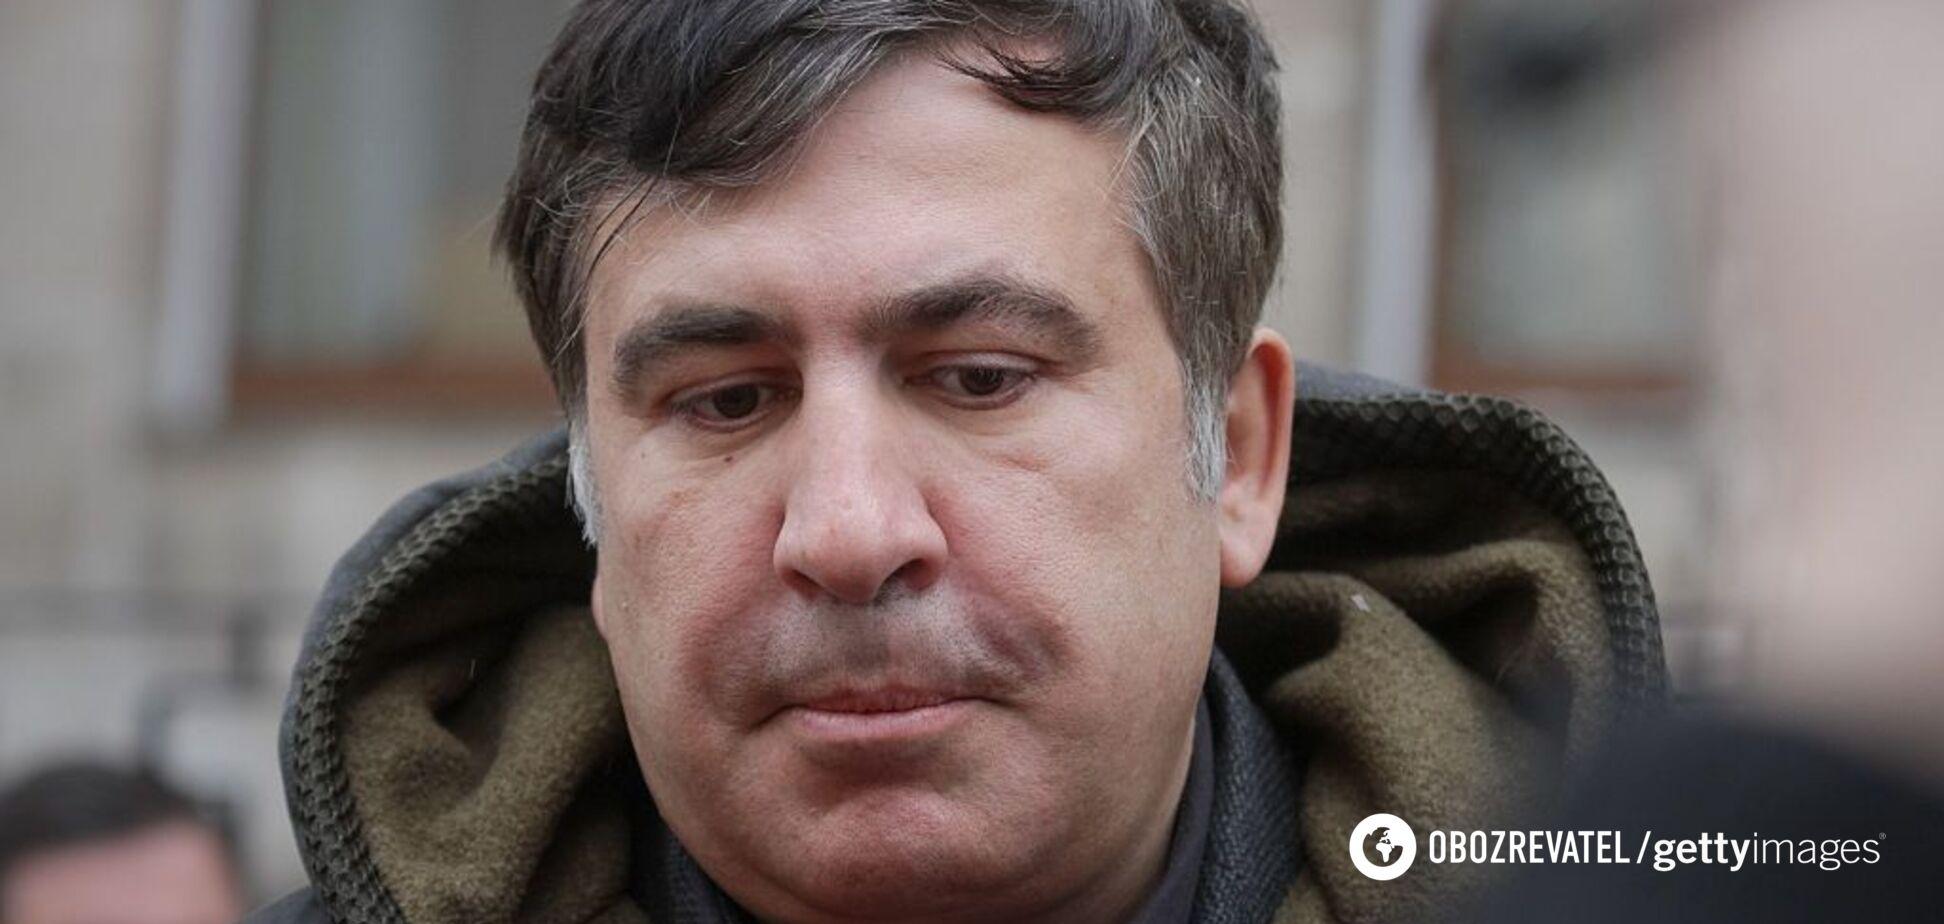 'На Киев!' Опубликовано видео Саакашвили из аэропорта в Варшаве